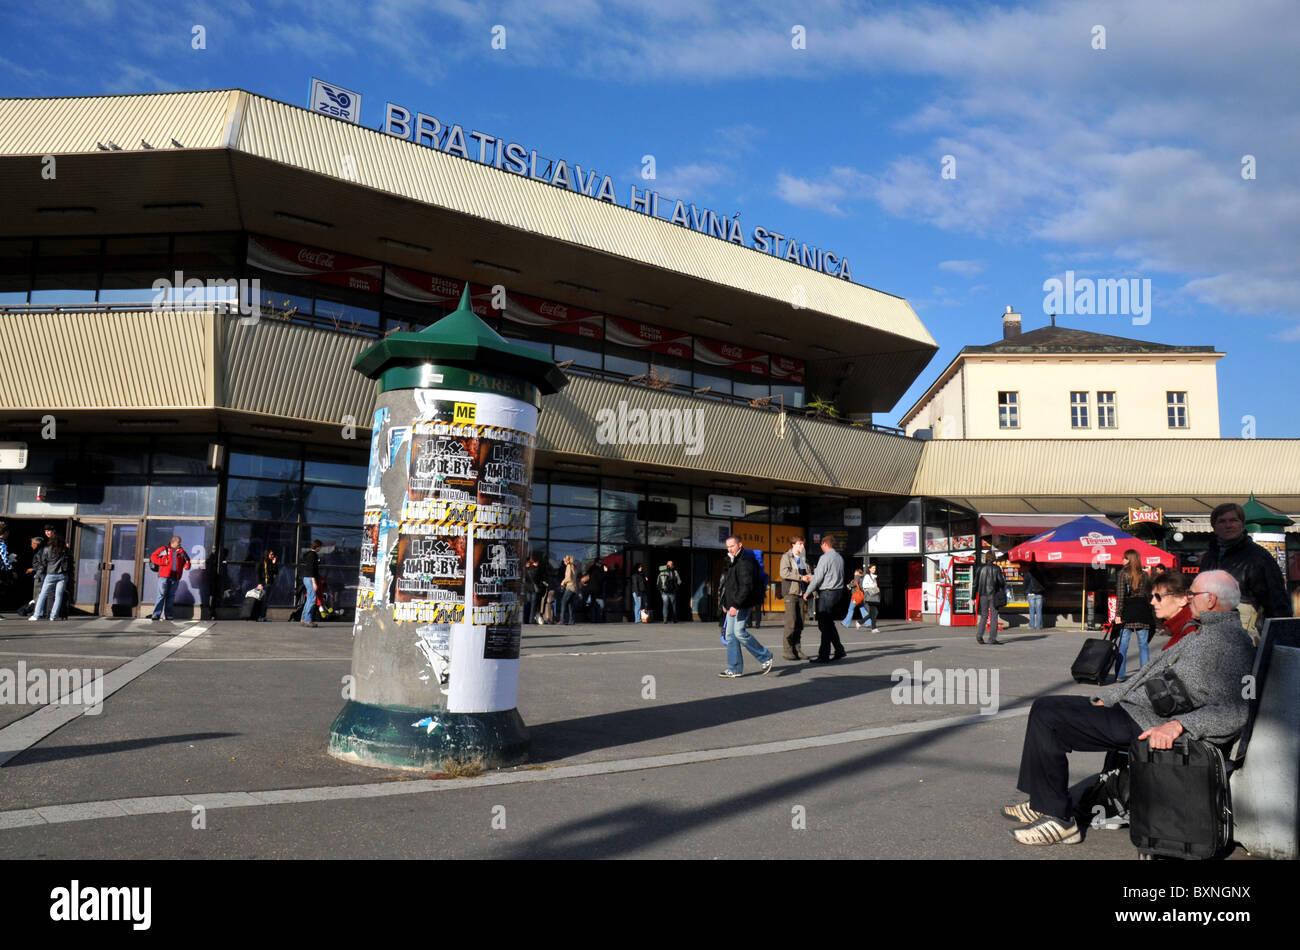 Bratislava, Main Train Station, Hlavna Stanica, Bratislava, Slovakia, Europe - Stock Image